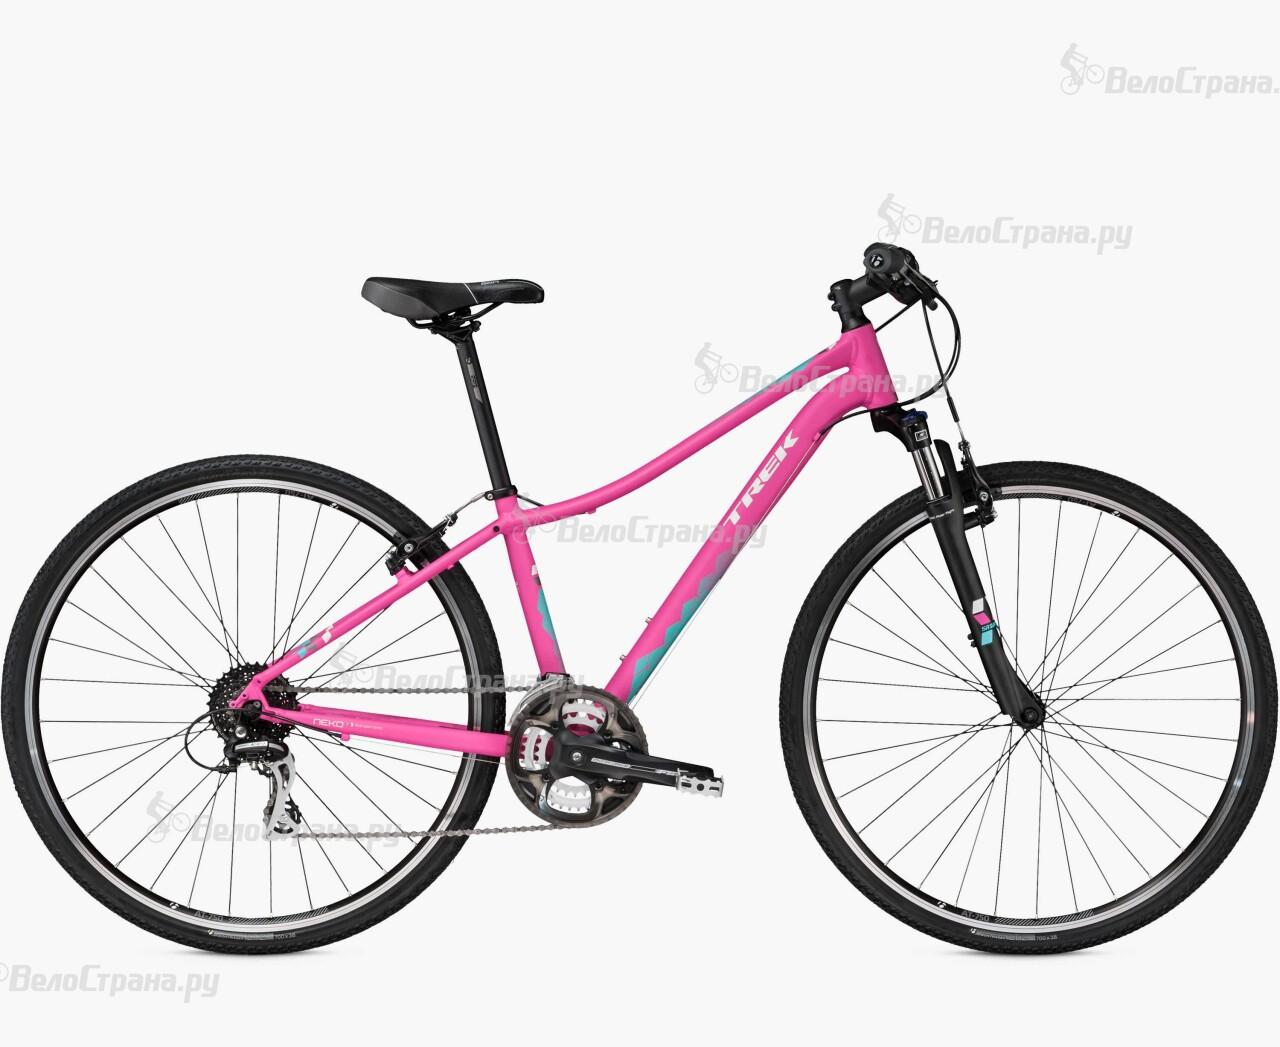 Велосипед Trek Neko S (2016) trek neko s 2015